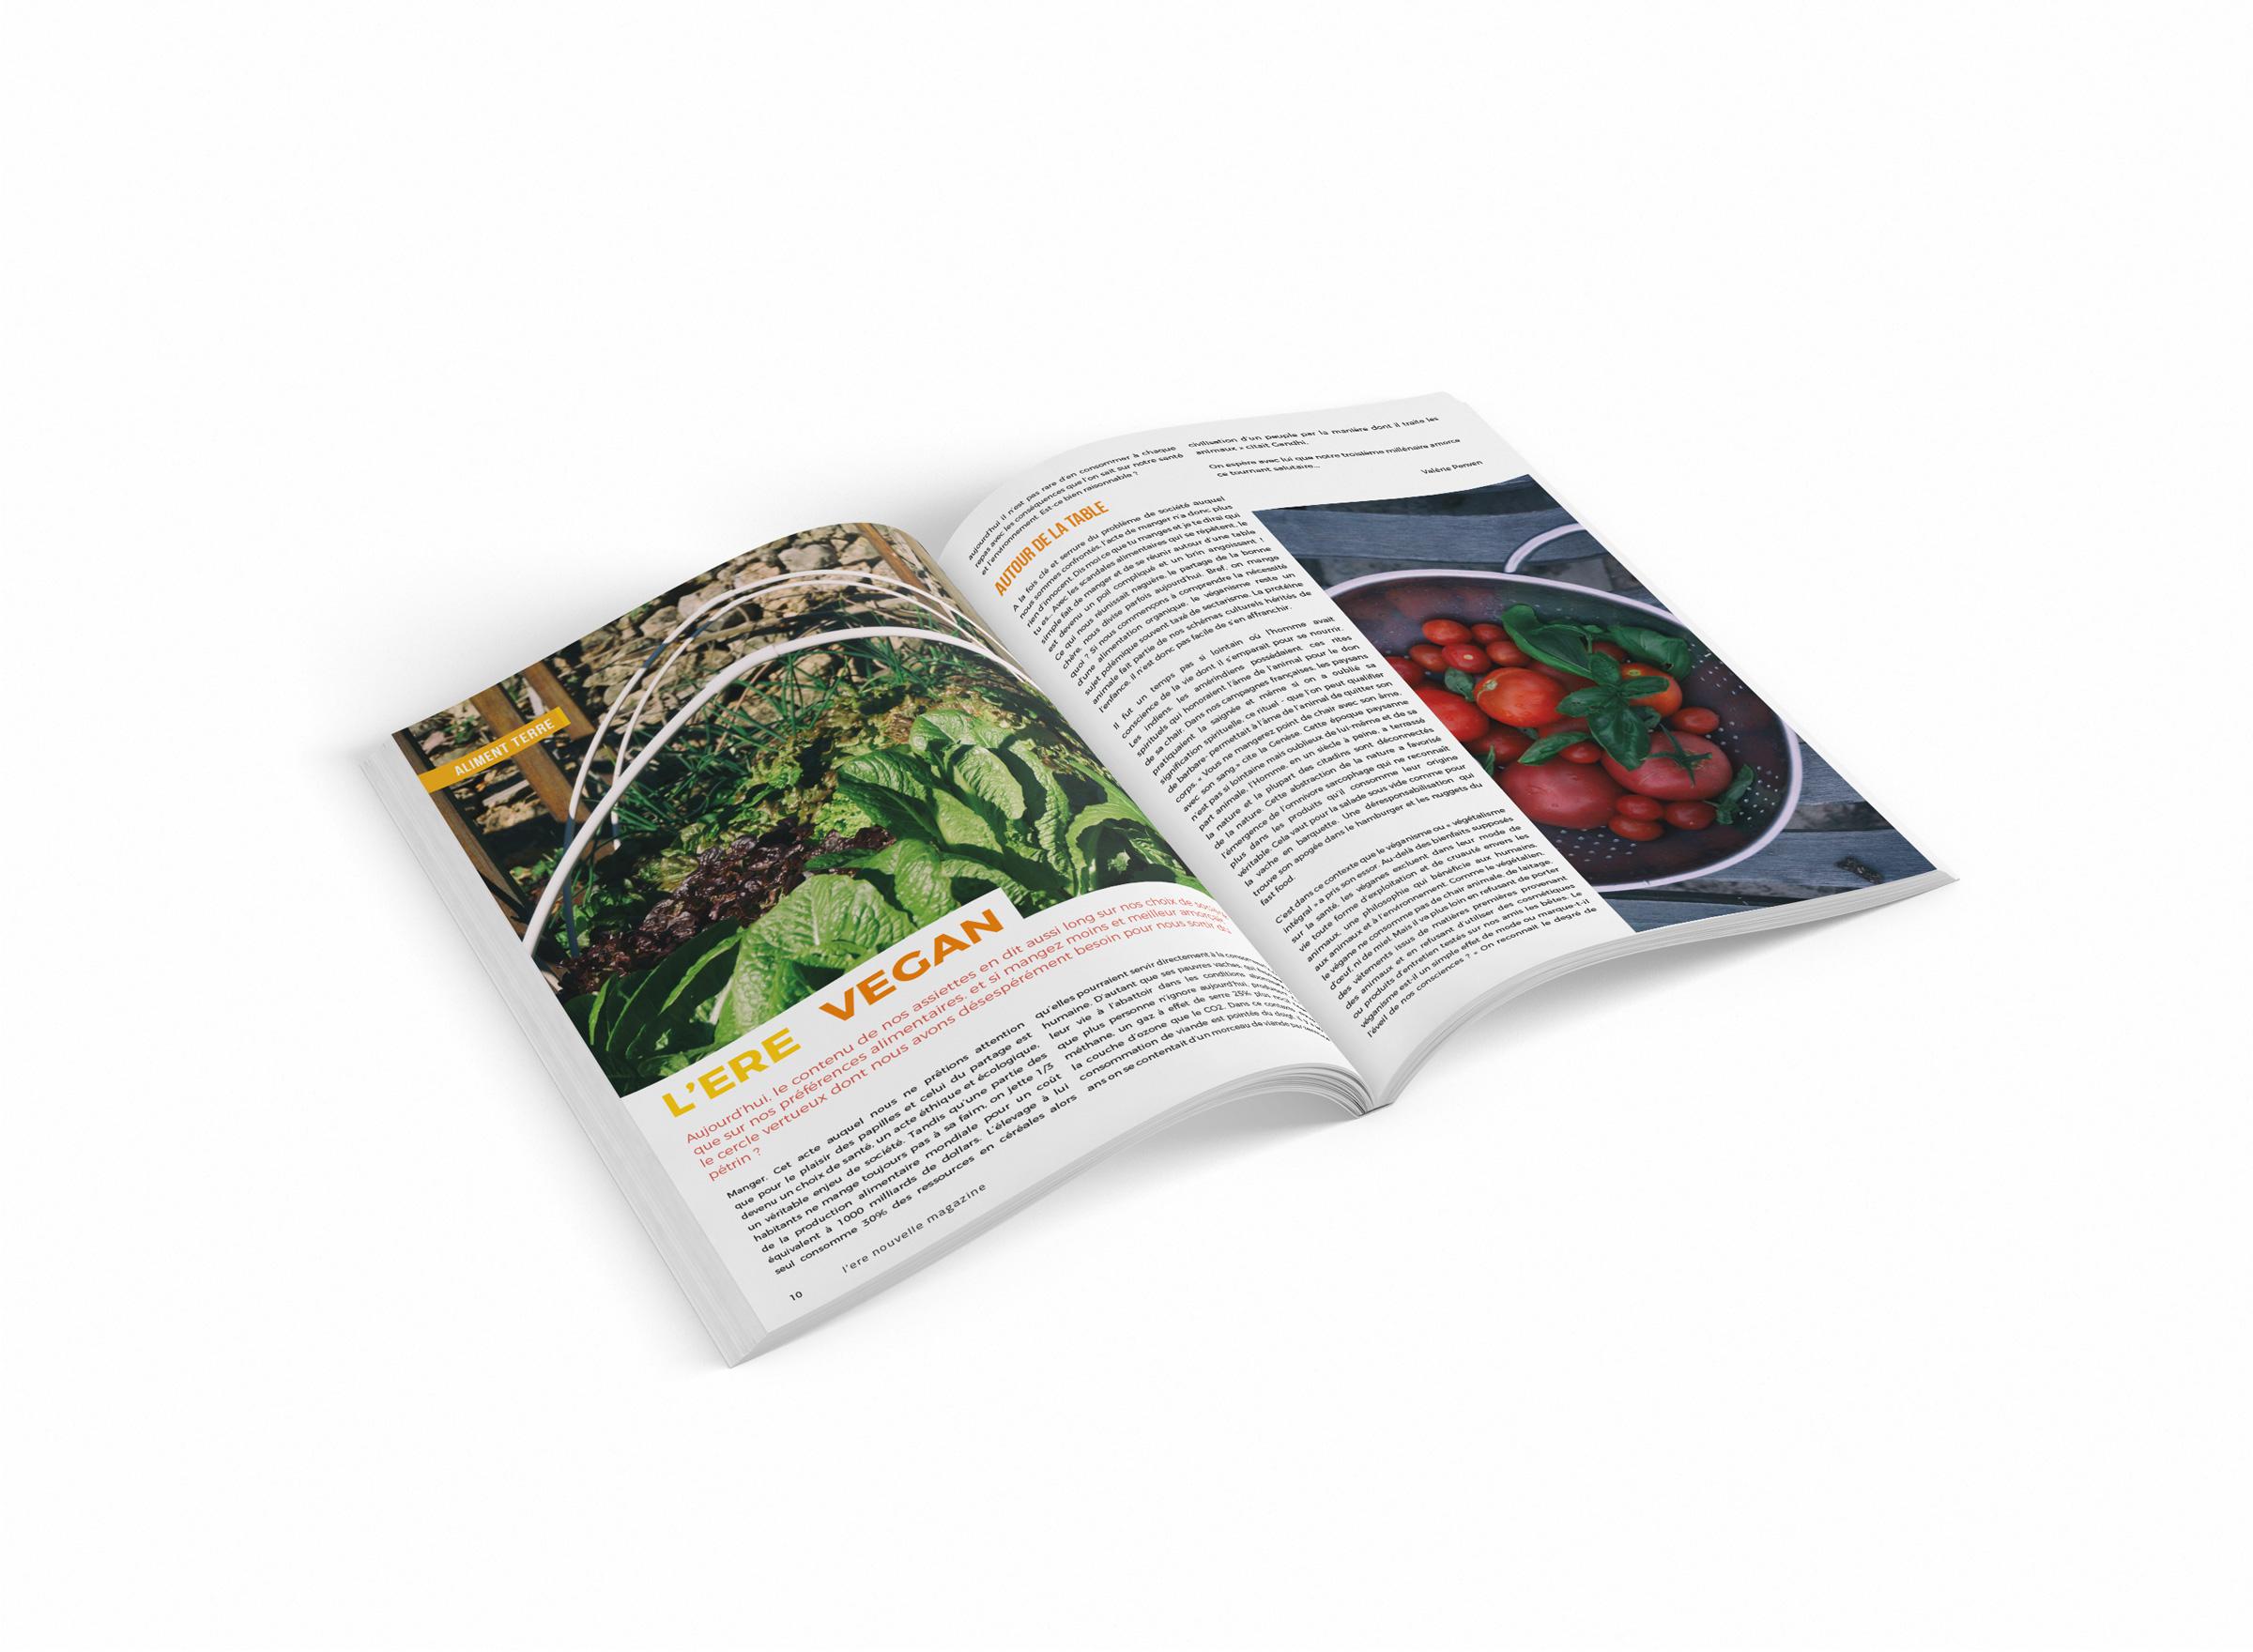 ekg-design, Quantaform Ere Nouvelle Mag #1 Article 2